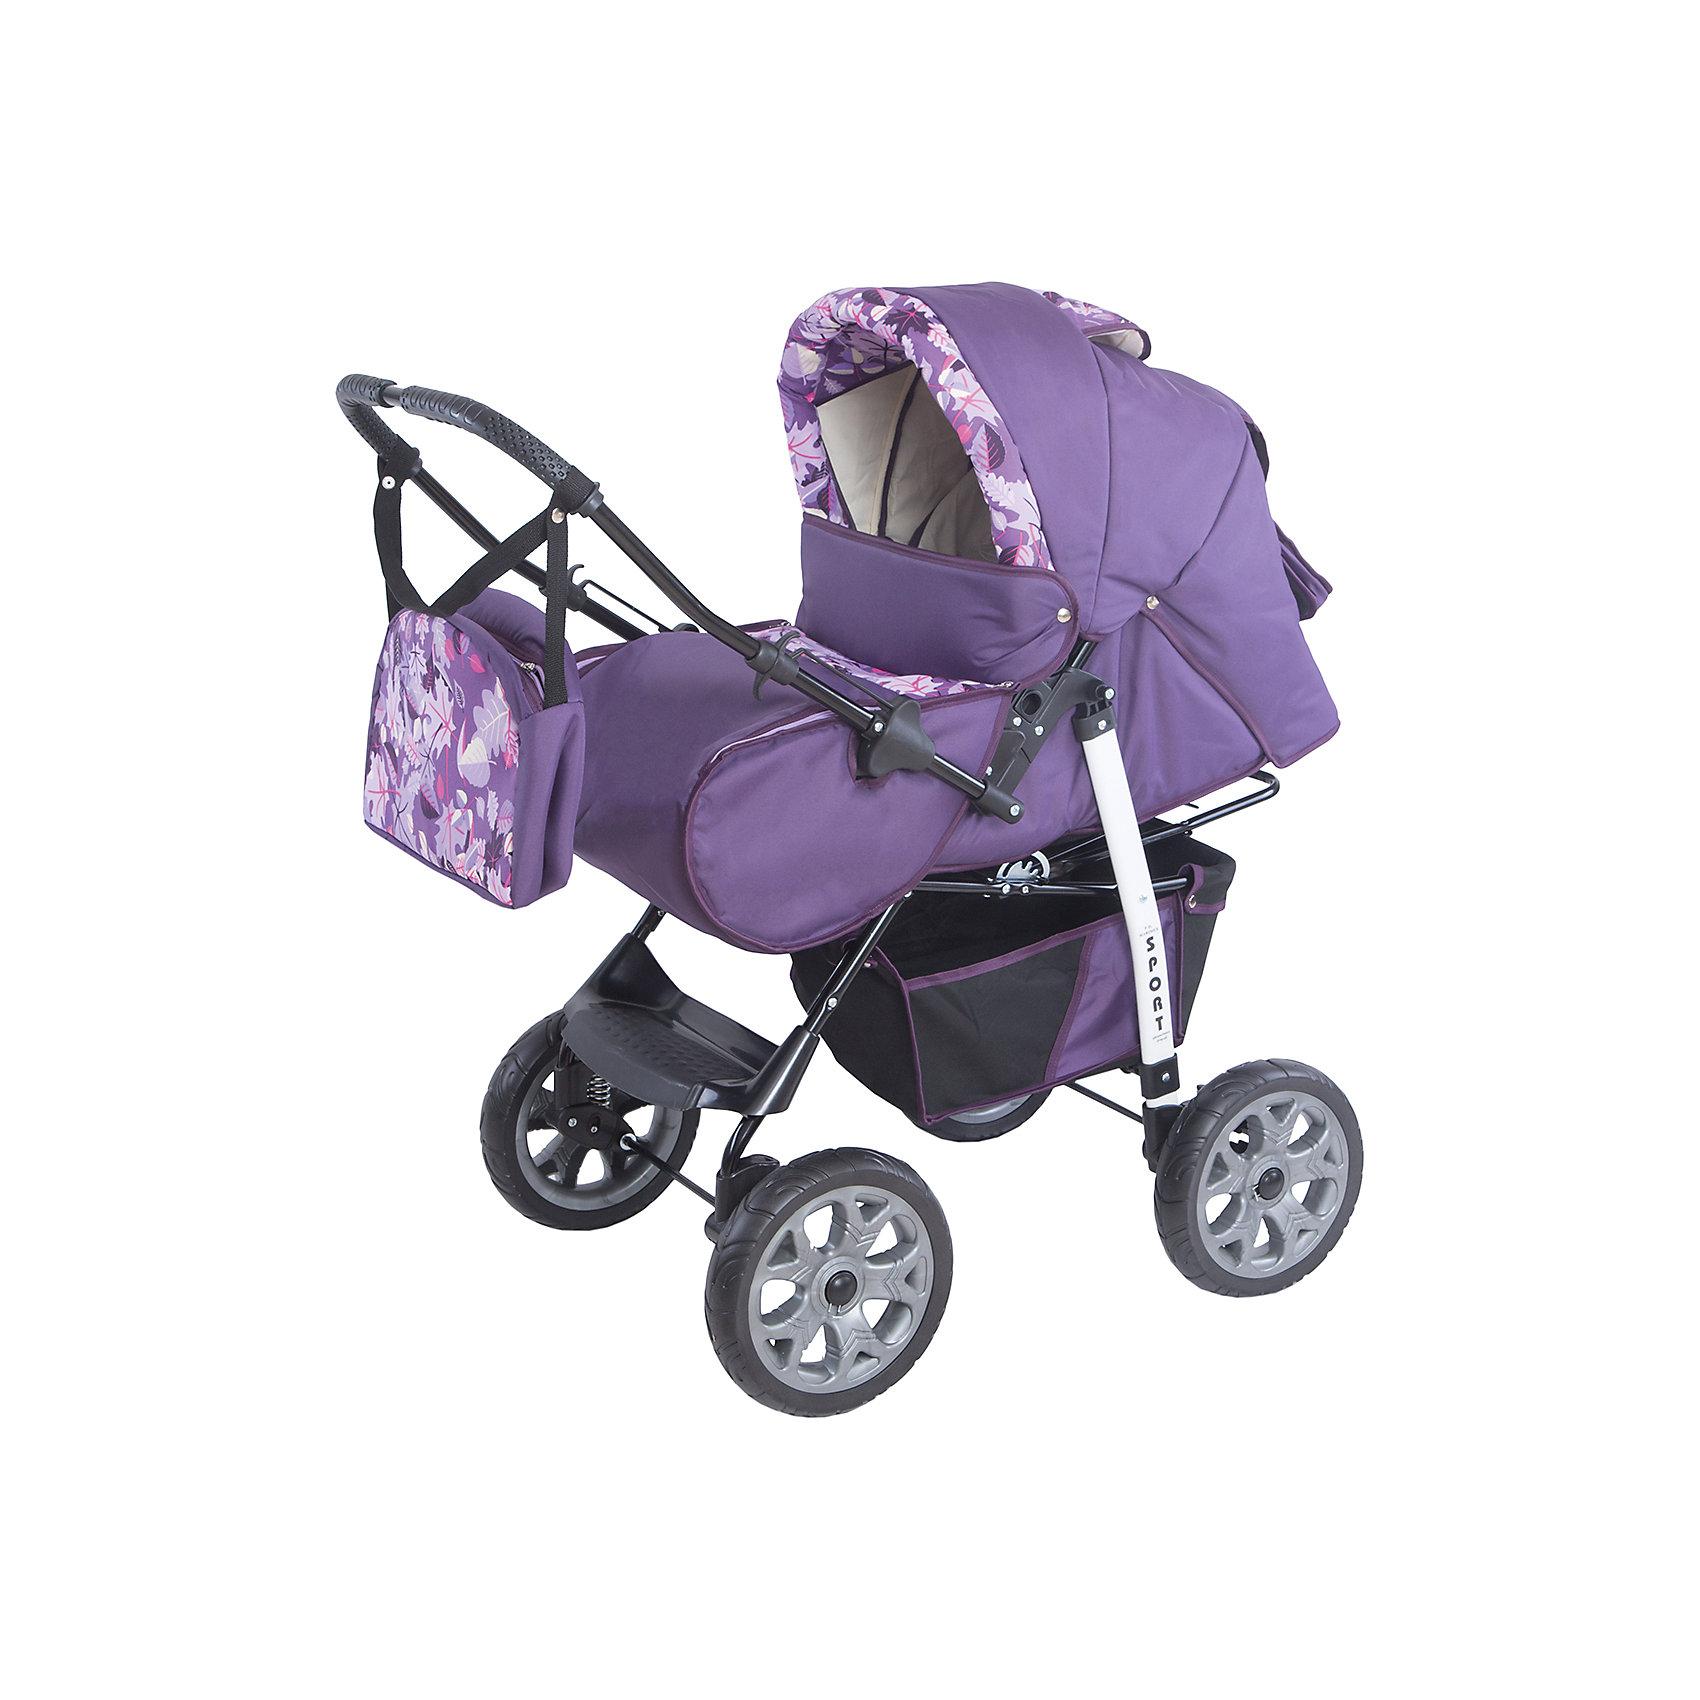 Коляска-трансформер Sport, Marimex, фиолетовый/сиреневый с принтомХарактеристики товара:<br><br>• цвет: фиолетовый, сиреневый <br>• материал: металл, текстиль, пластик<br>• размер в разложенном виде: 112х59х114 см<br>• комплектация: люлька-переноска, накидка на ножки, сумка для мамы <br>• вес: 15 кг<br>• тип складывания: книжка <br>• колеса: 4 шт<br>• пятиточечные ремни безопасности<br>• солнцезащитный козырек<br>• четыре положения спинки<br>• возможность перекидывать ручку <br>• регулируемая подножка<br>• большая корзина для покупок<br>• система амортизации: пружины <br>• страна бренда: Польша<br>• страна производства: Польша<br><br>ВНИМАНИЕ!!! Вставки с рисунком на коляске могут отличаться от представленных на фото!<br><br>Качественная коляска обеспечит родителям и ребенку удобство при прогулках и перемещениях малыша. Эта модель от польского производителя Marimex оборудована всем необходимым для комфорта. Она легко трансформирвуется под различные ситуации, имеет специальную люльку-переноску для самых маленьких.<br>В основе коляски - прочный металлический корпус, материал имеет специальную пропитку, которая защищает про промокания, но при этом оставляет ткань дышащей. Очень стильная и удобная модель! Изделие качественно выполнено, сделано из безопасных для детей материалов. <br><br>Коляску-трансформер Sport от бренда Marimex можно купить в нашем интернет-магазине.<br><br>Ширина мм: 900<br>Глубина мм: 450<br>Высота мм: 380<br>Вес г: 17700<br>Возраст от месяцев: 0<br>Возраст до месяцев: 36<br>Пол: Женский<br>Возраст: Детский<br>SKU: 5282609